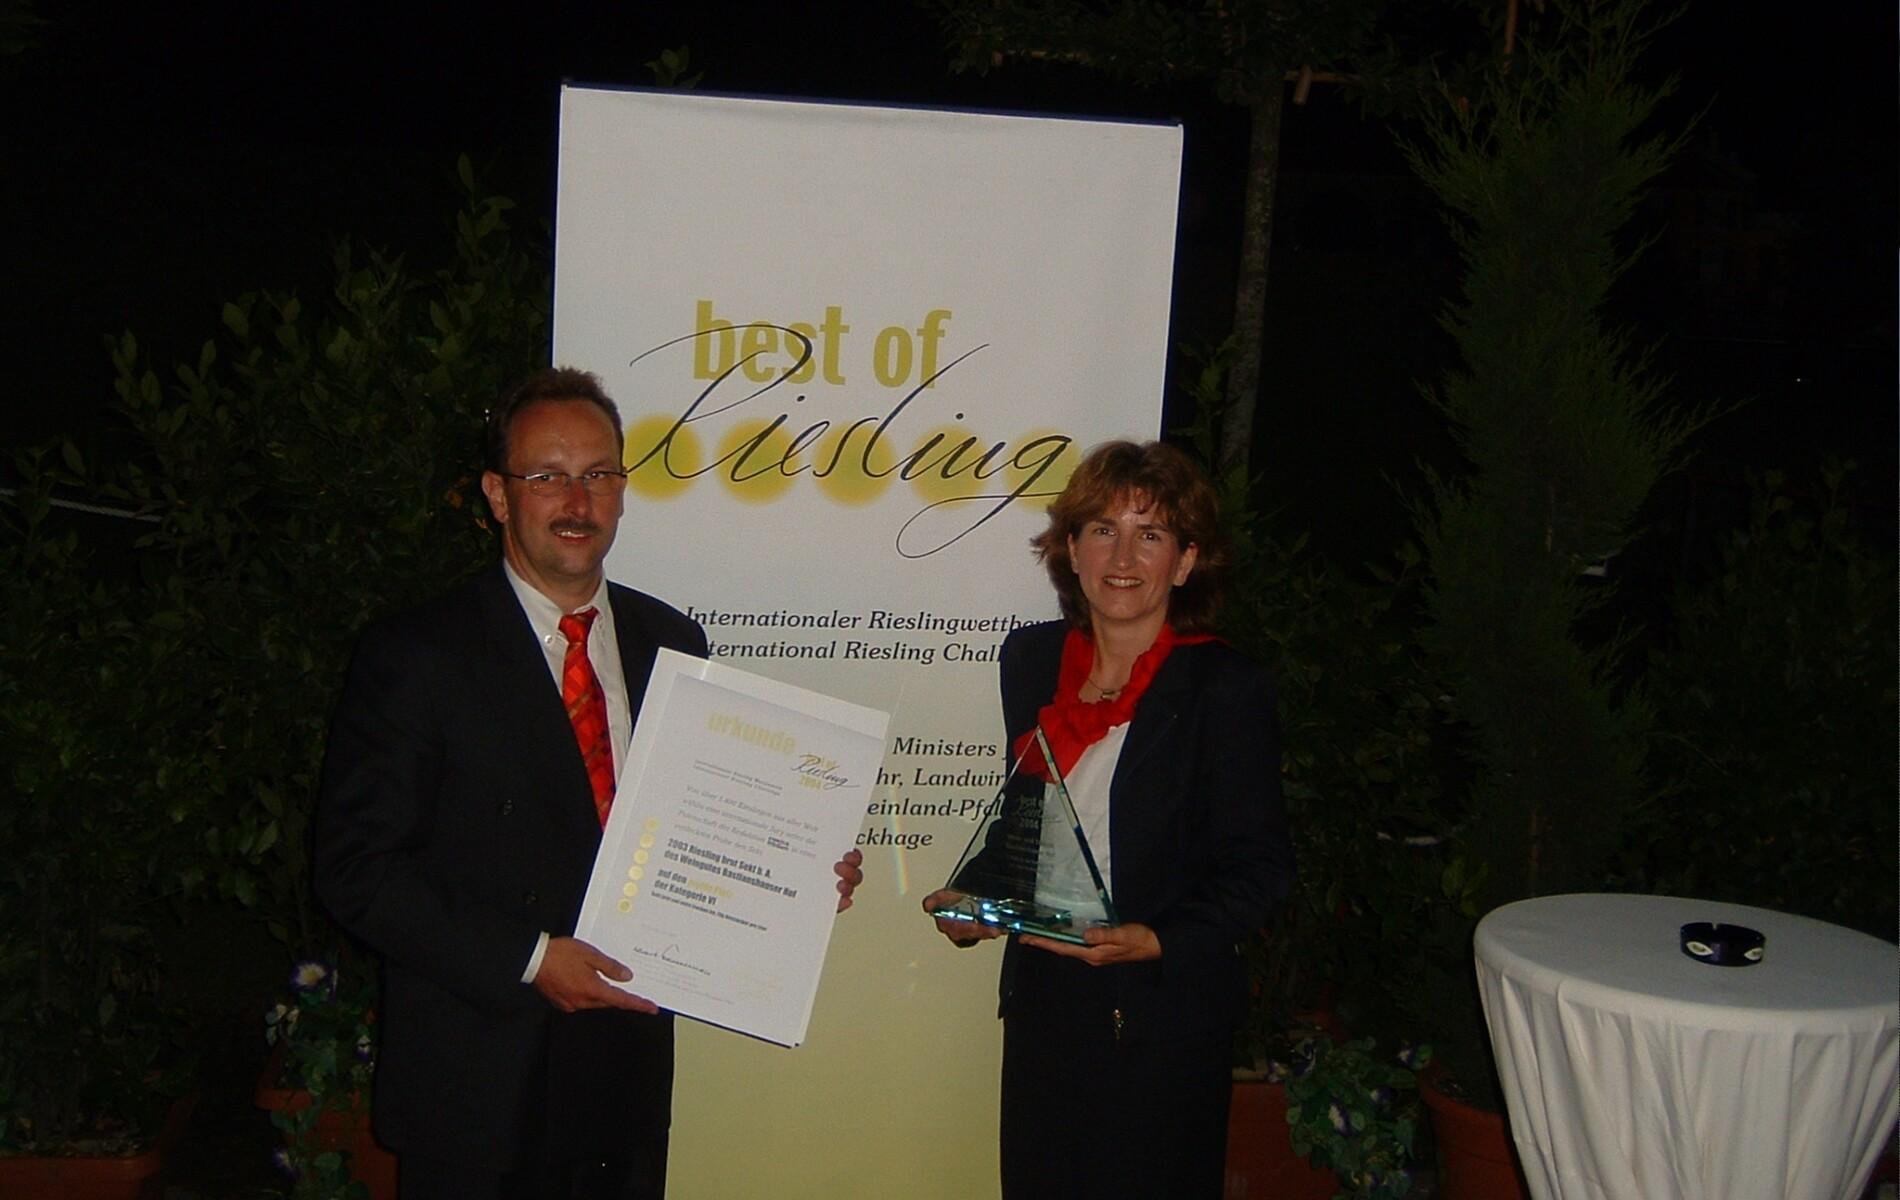 Weingut Bastianshauser Hof - 2004 Best of Riesling